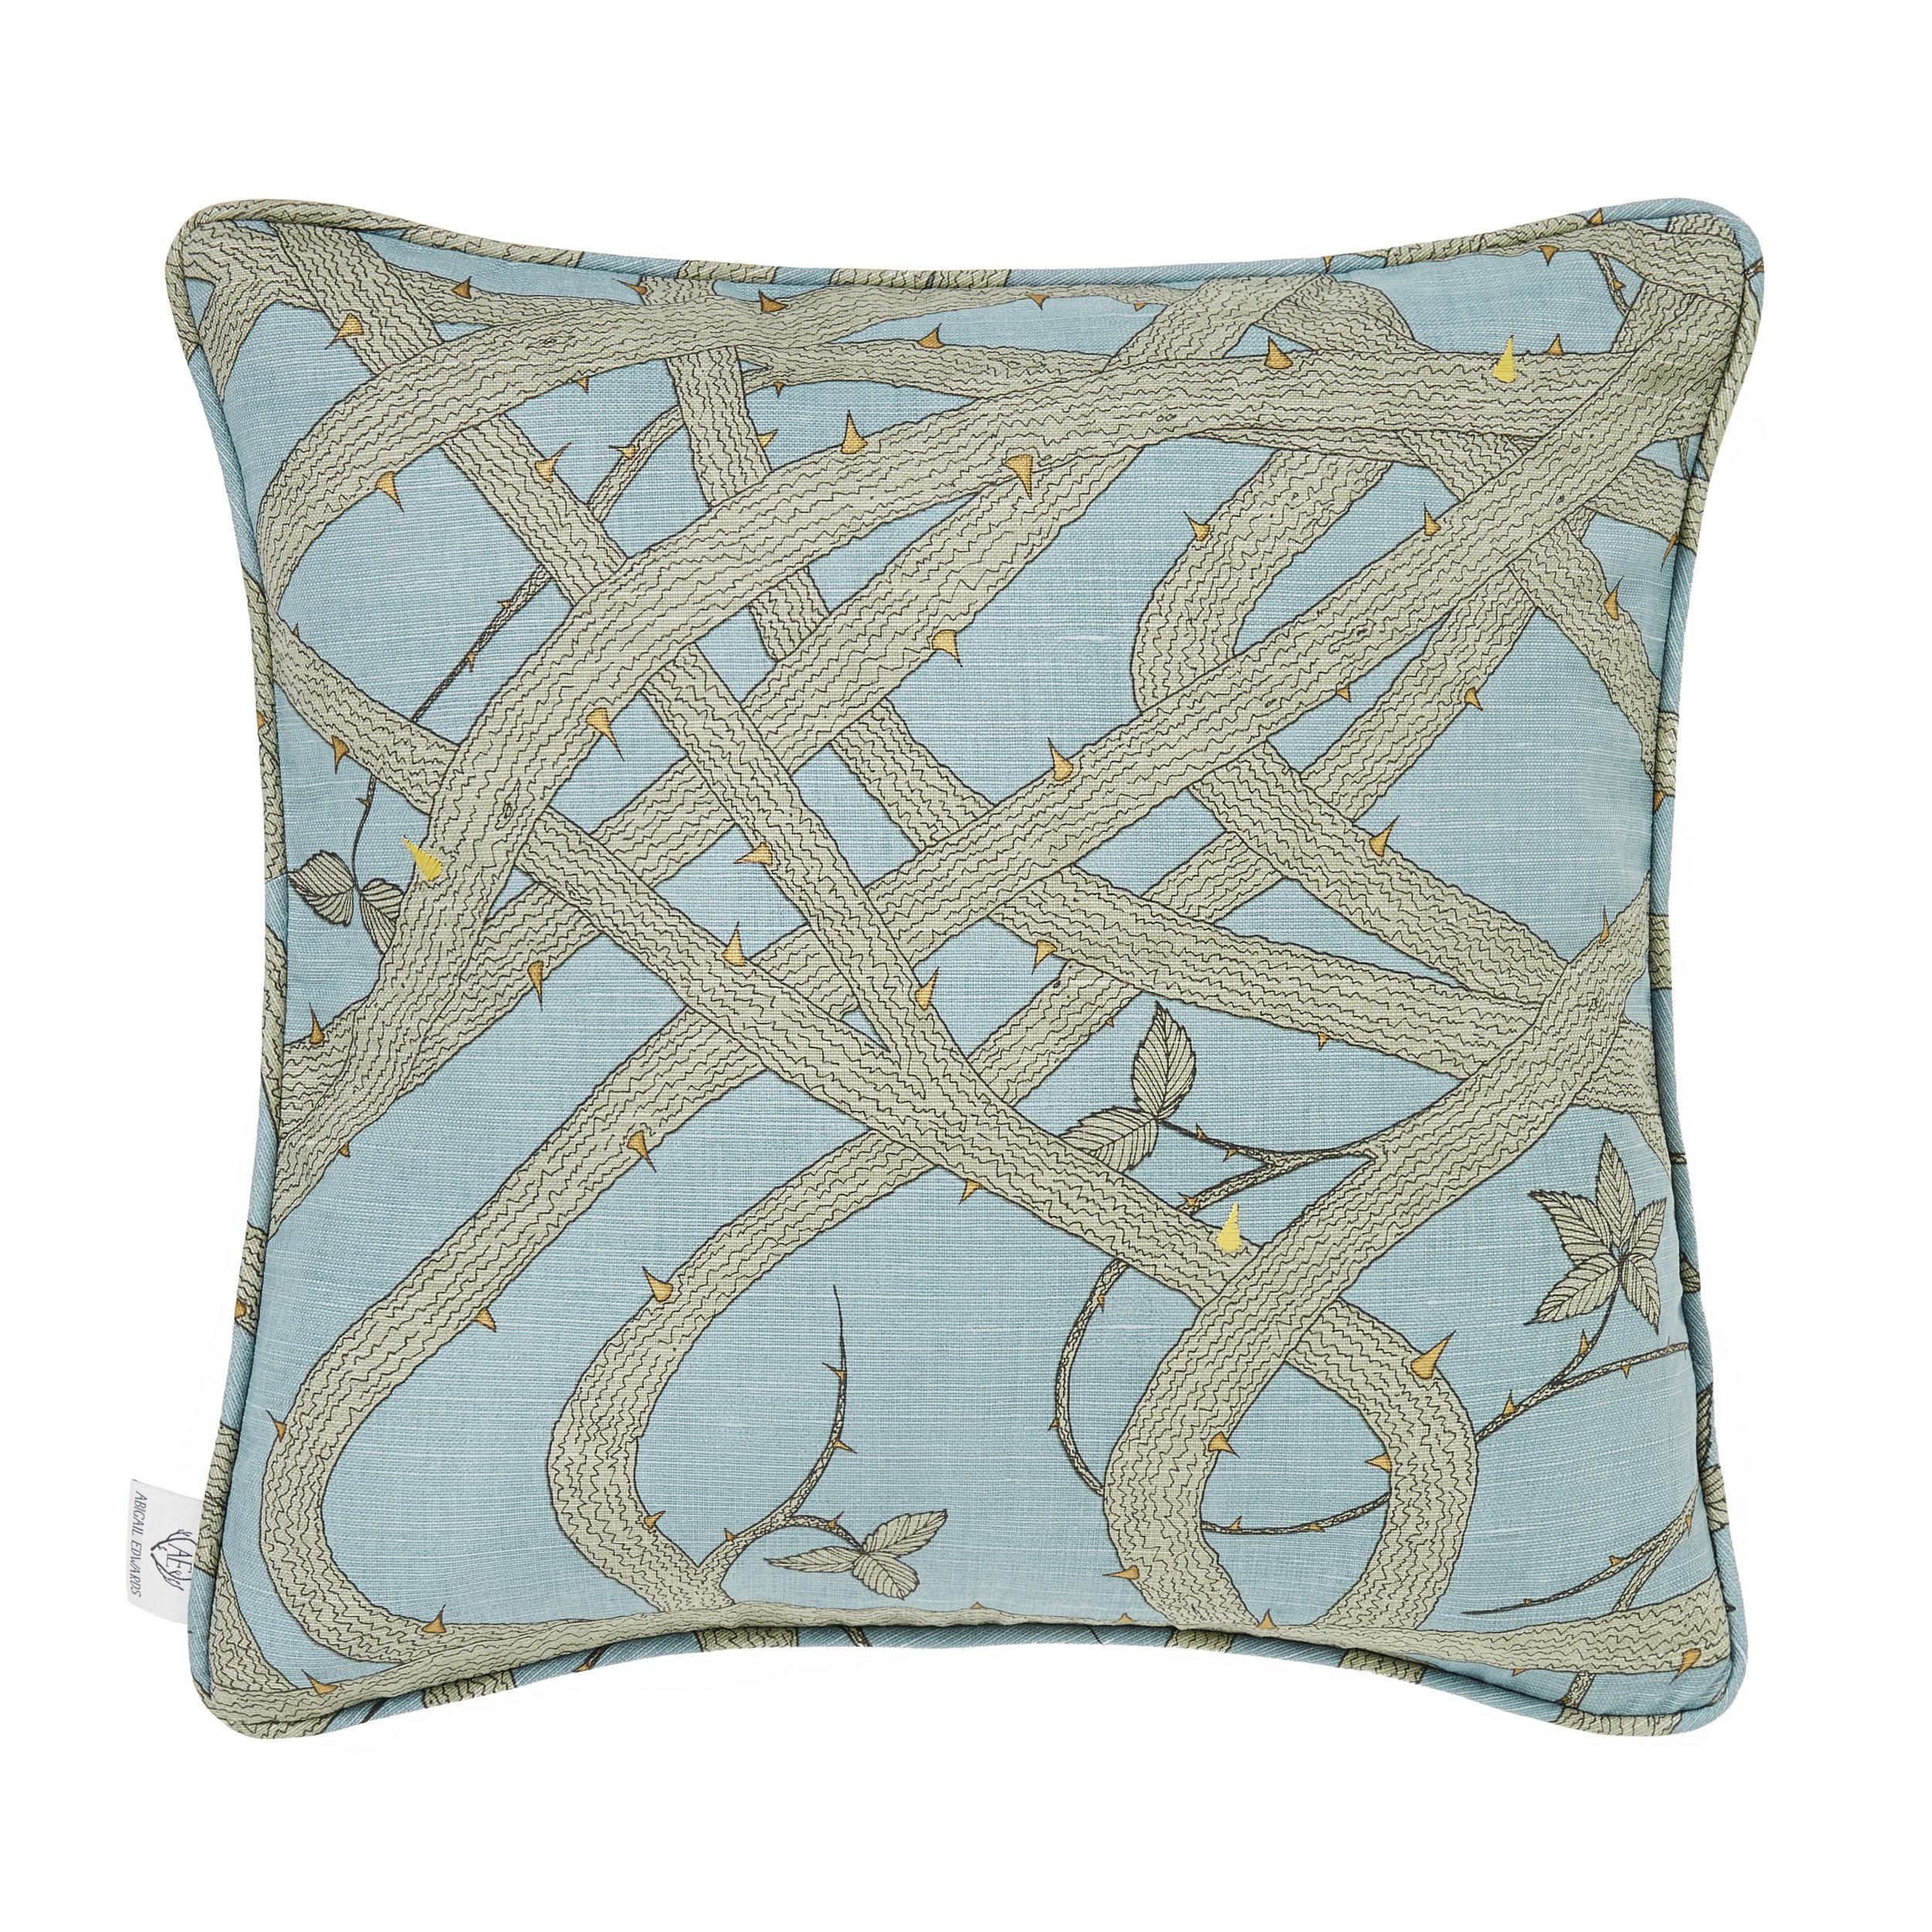 Brambleweb at Dusk cushion cover